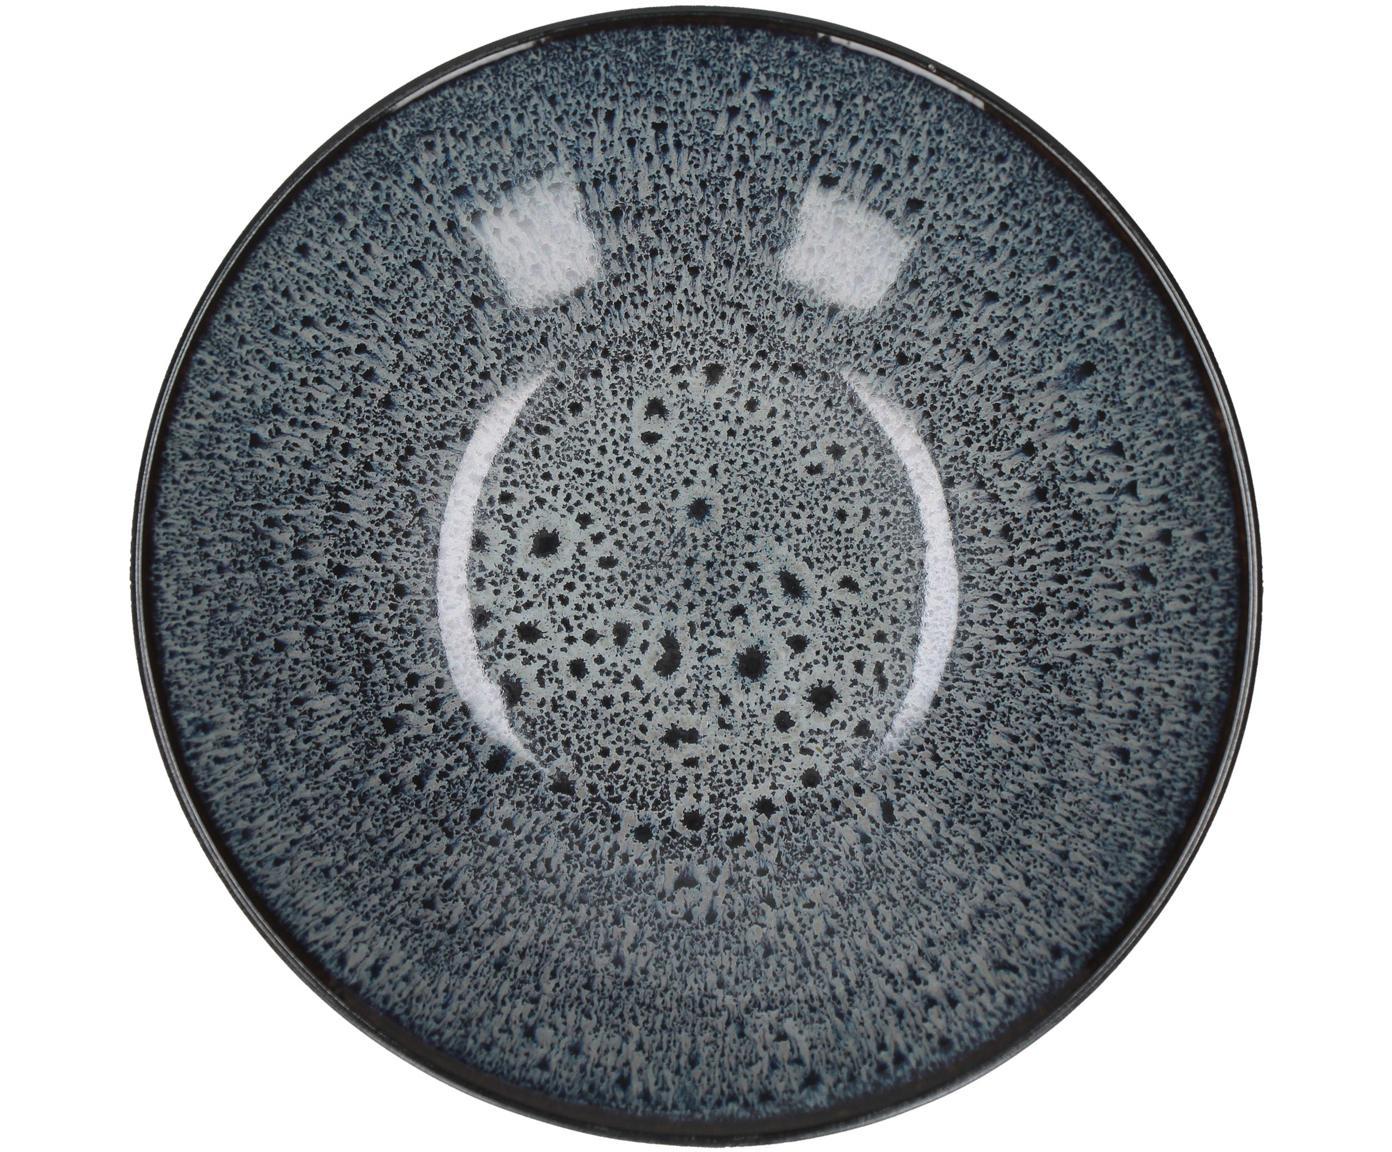 Suppenteller Mirha aus Steingut in Dunkelgrau, 4 Stück, Steingut, Dunkelgrau, Ø 18 cm